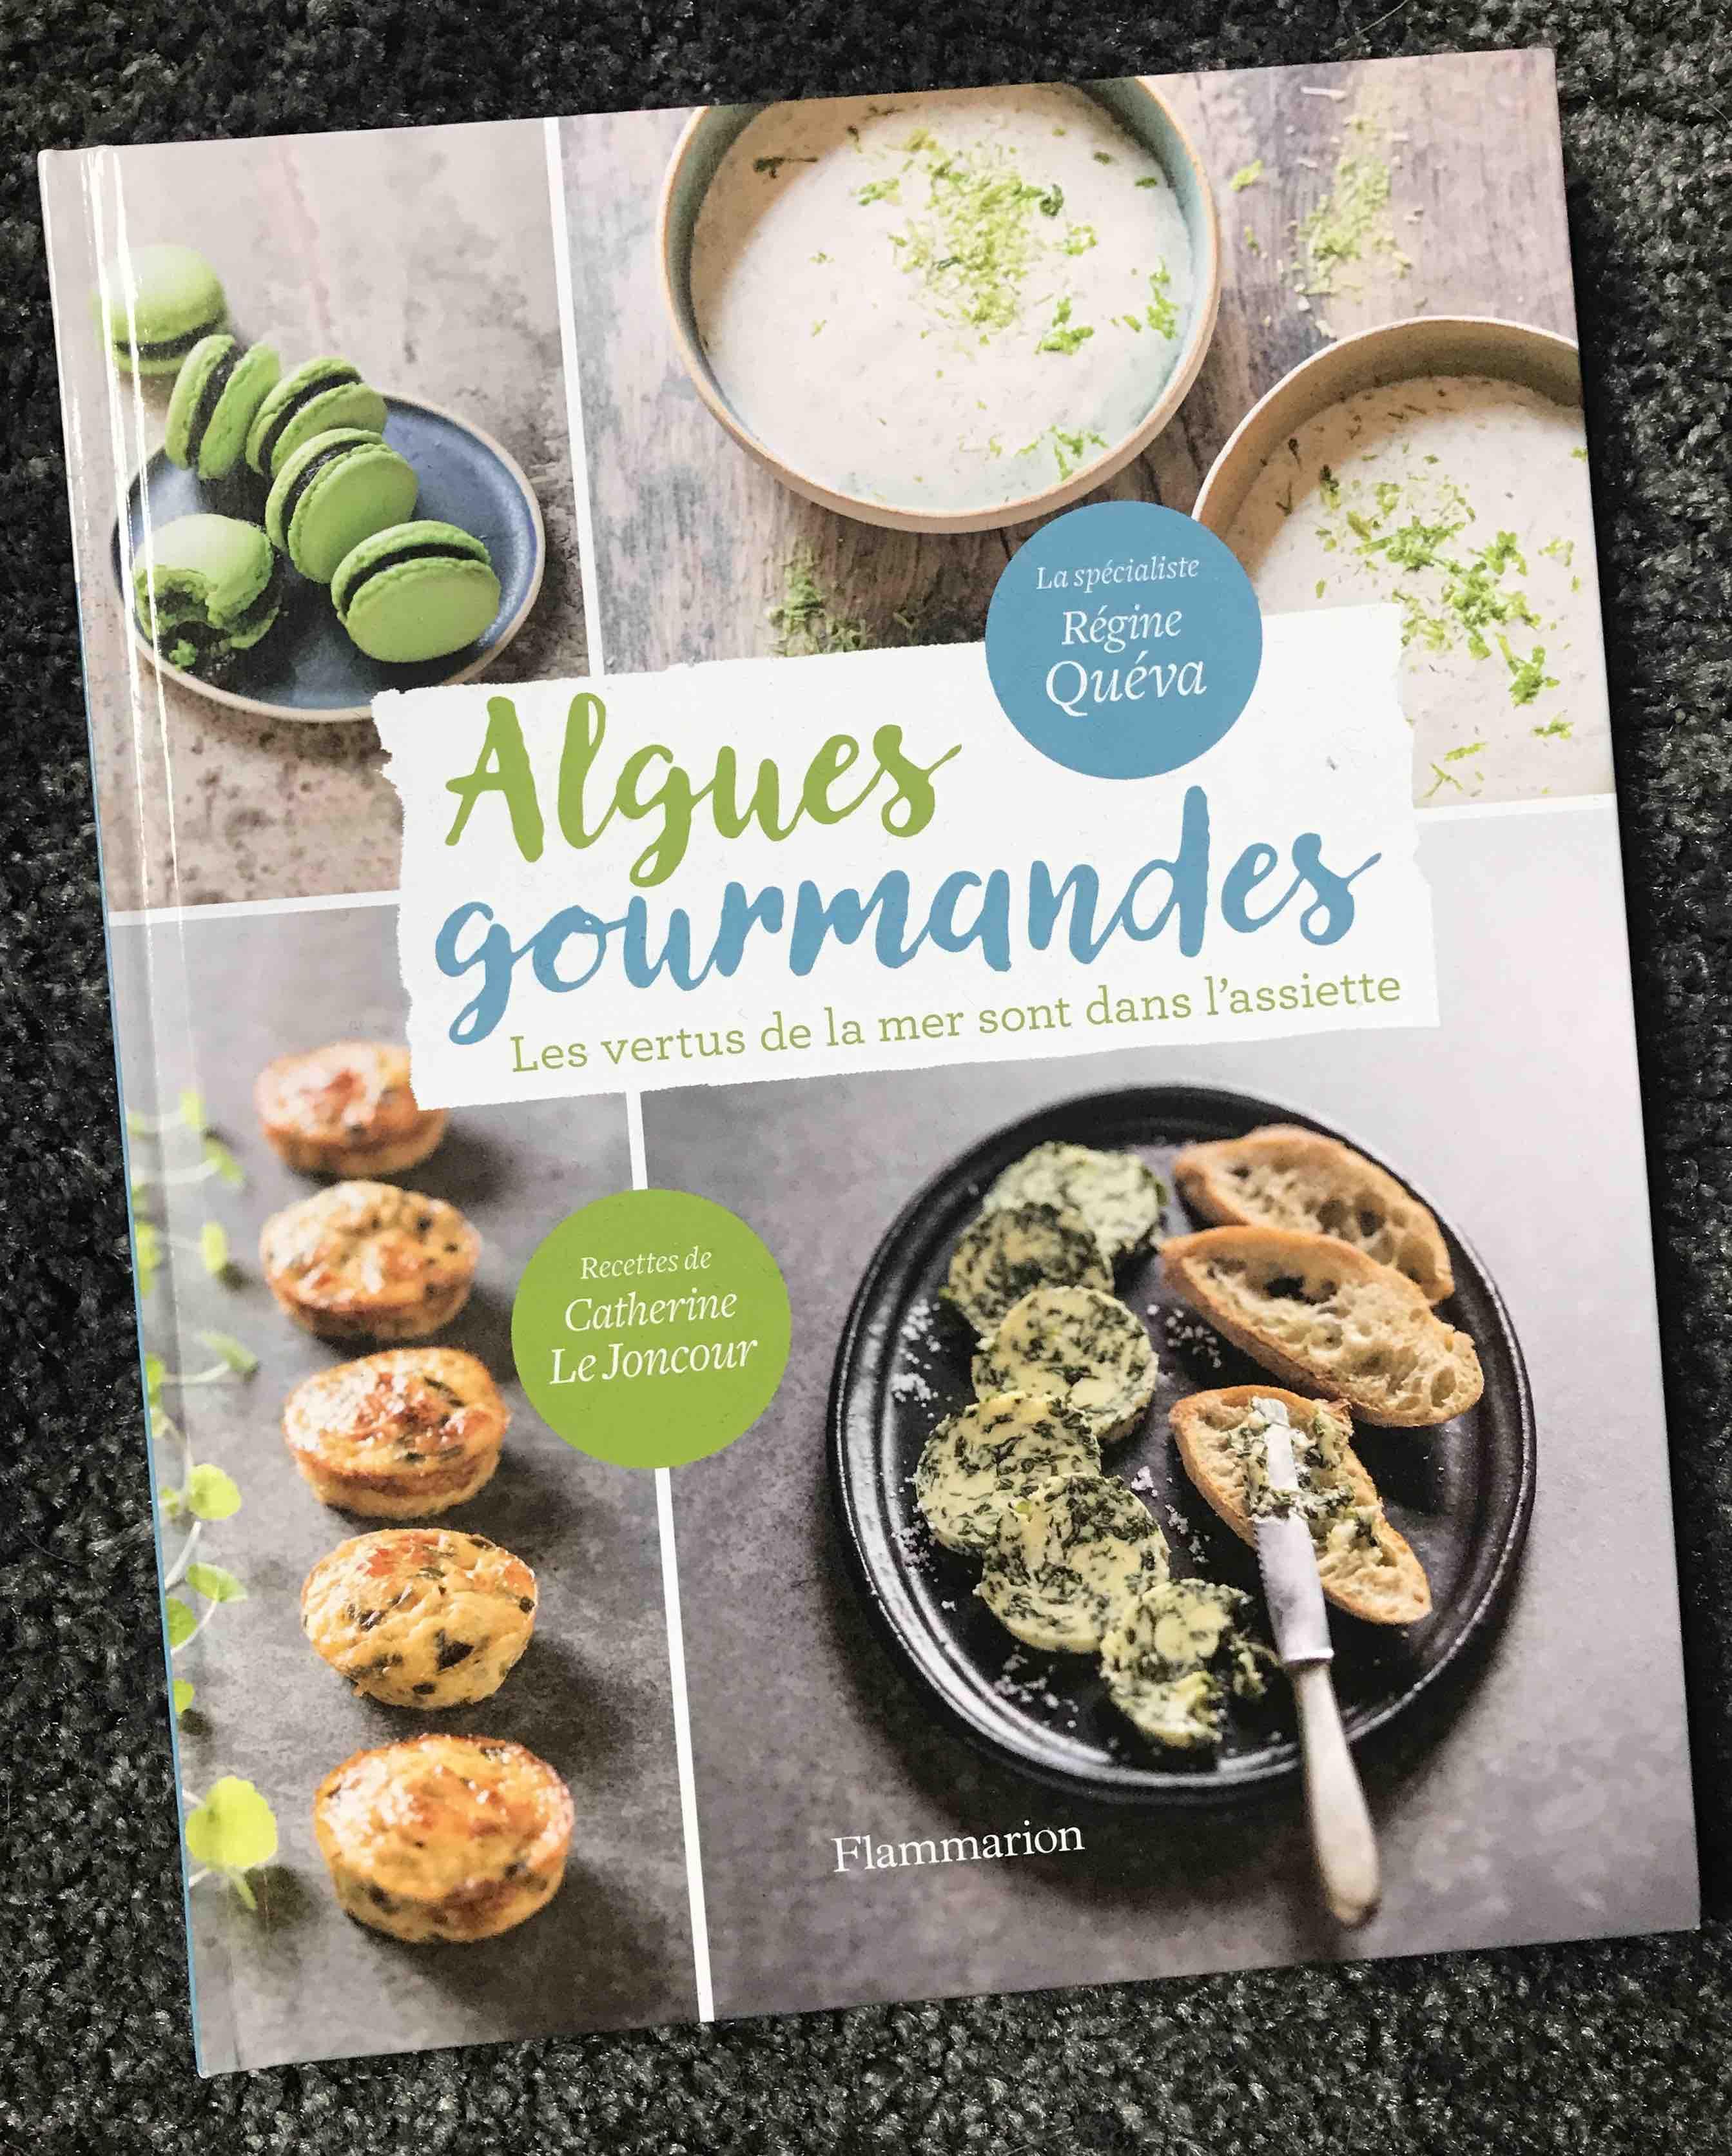 algues-gourmandes-livre-la-revue-y-3